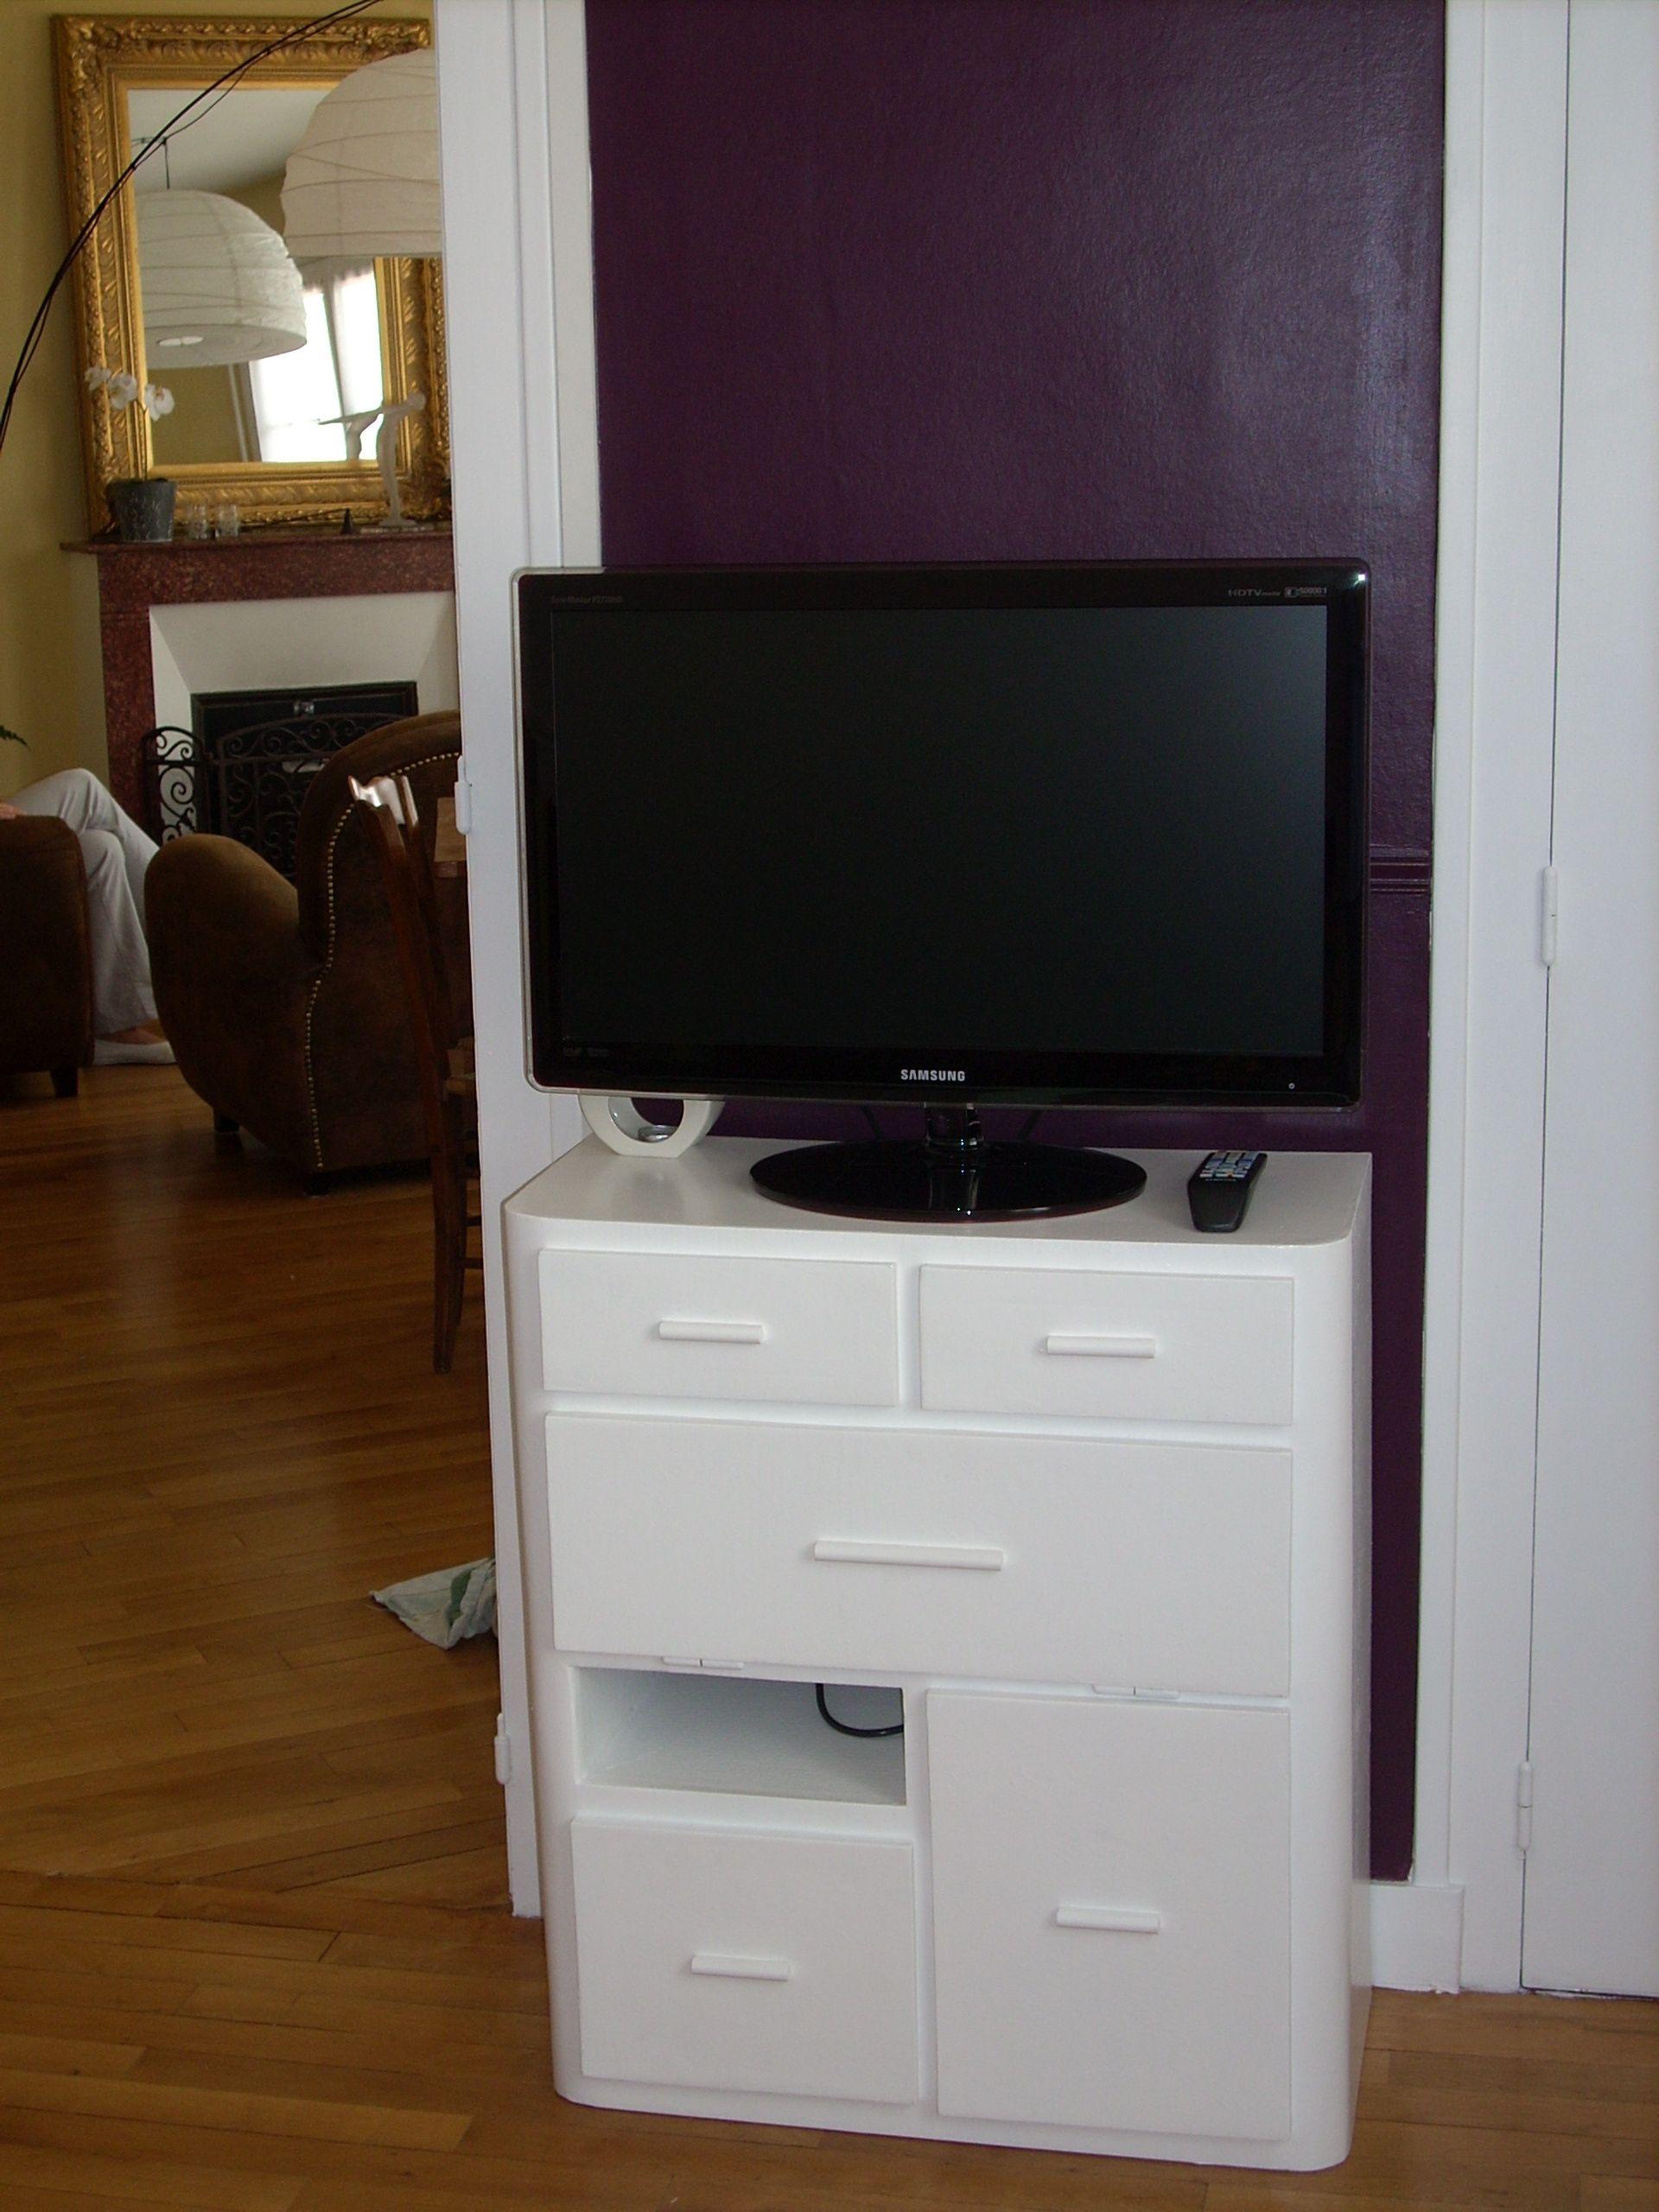 Sg Mobilier Carton Meuble Tv En Carton Www Mobilier Carton Sur  # Meuble Tv En Carton